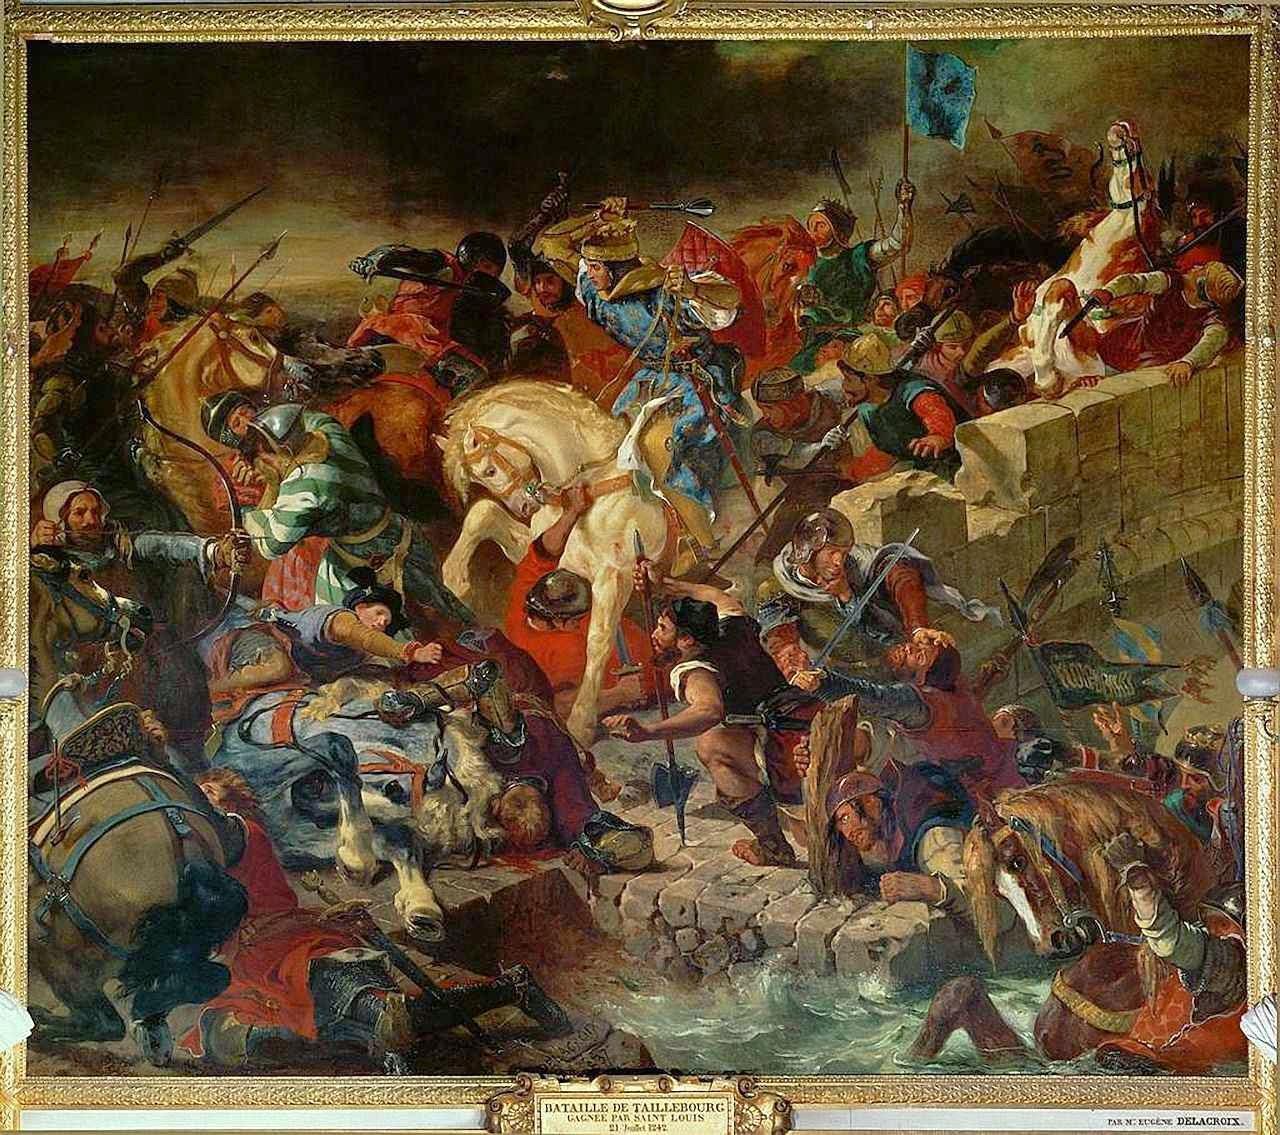 São Luís na vitória de Taillebourg. Eugène Delacroix, museu de Versailles.